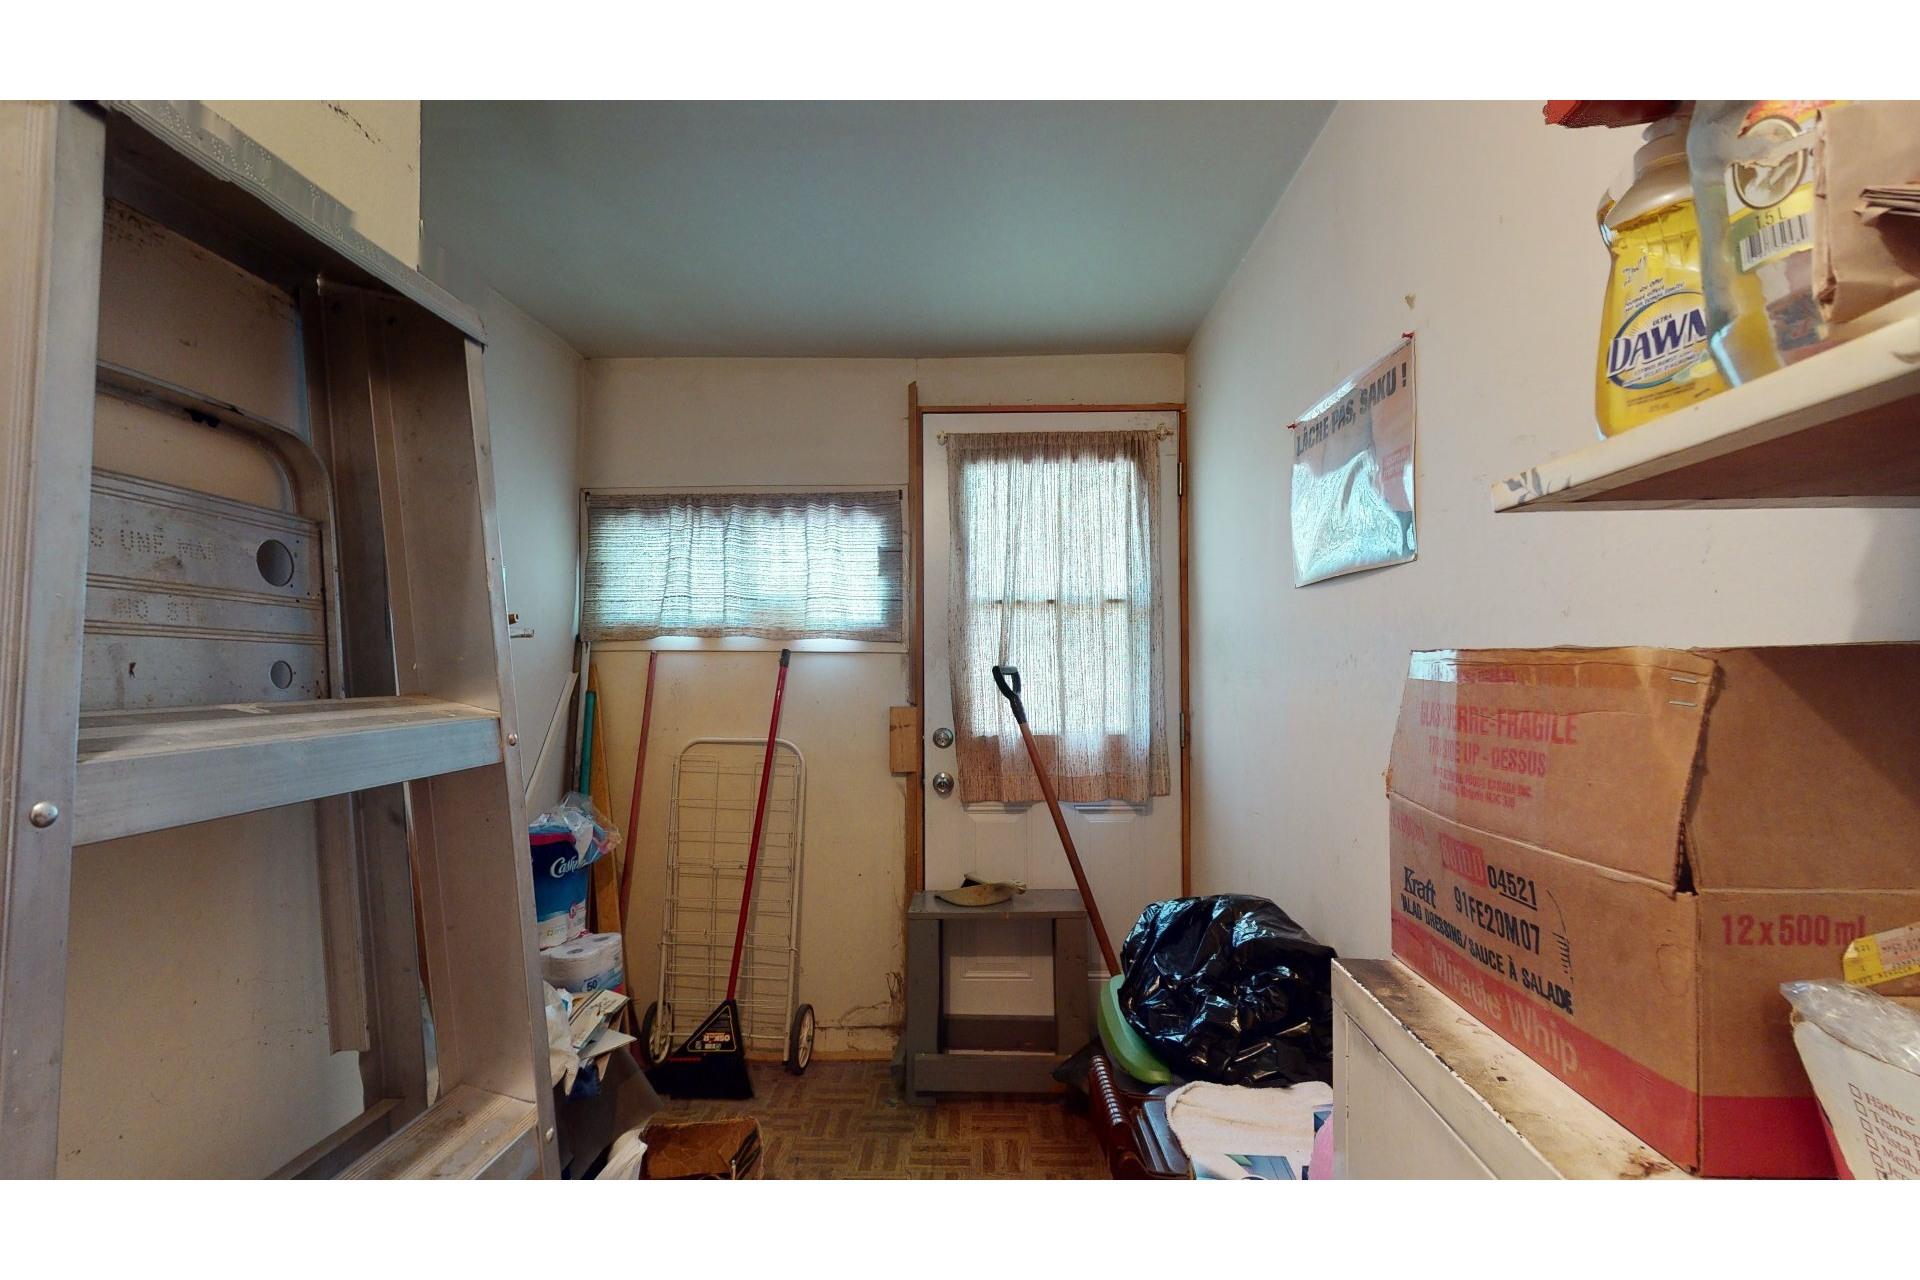 image 31 - Duplex À vendre Rosemont/La Petite-Patrie Montréal  - 7 pièces